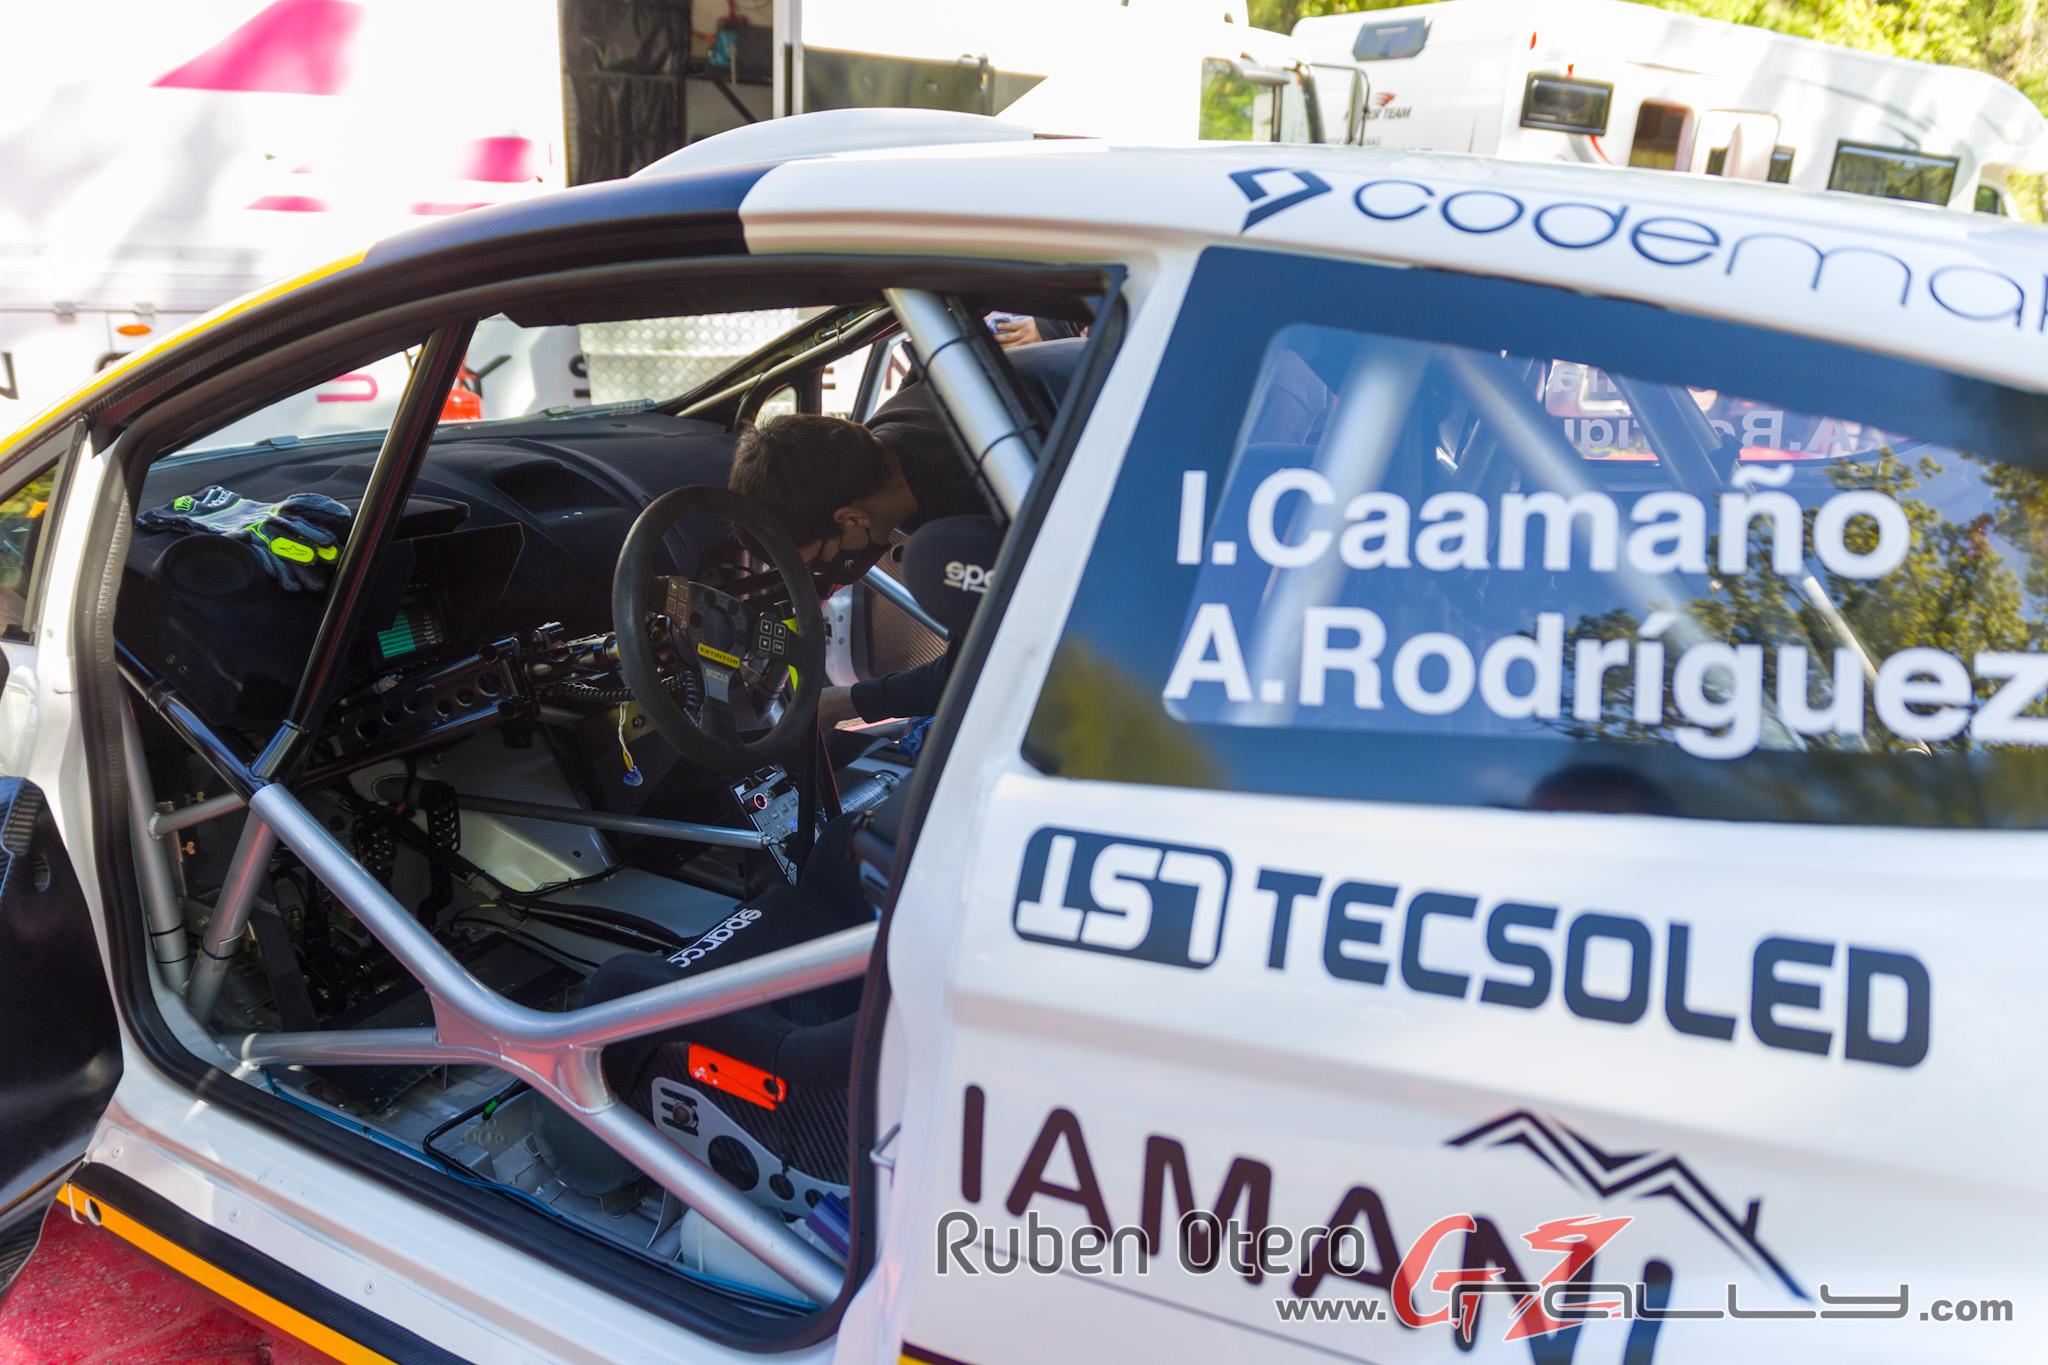 Test de Iago Caamaño - 2021